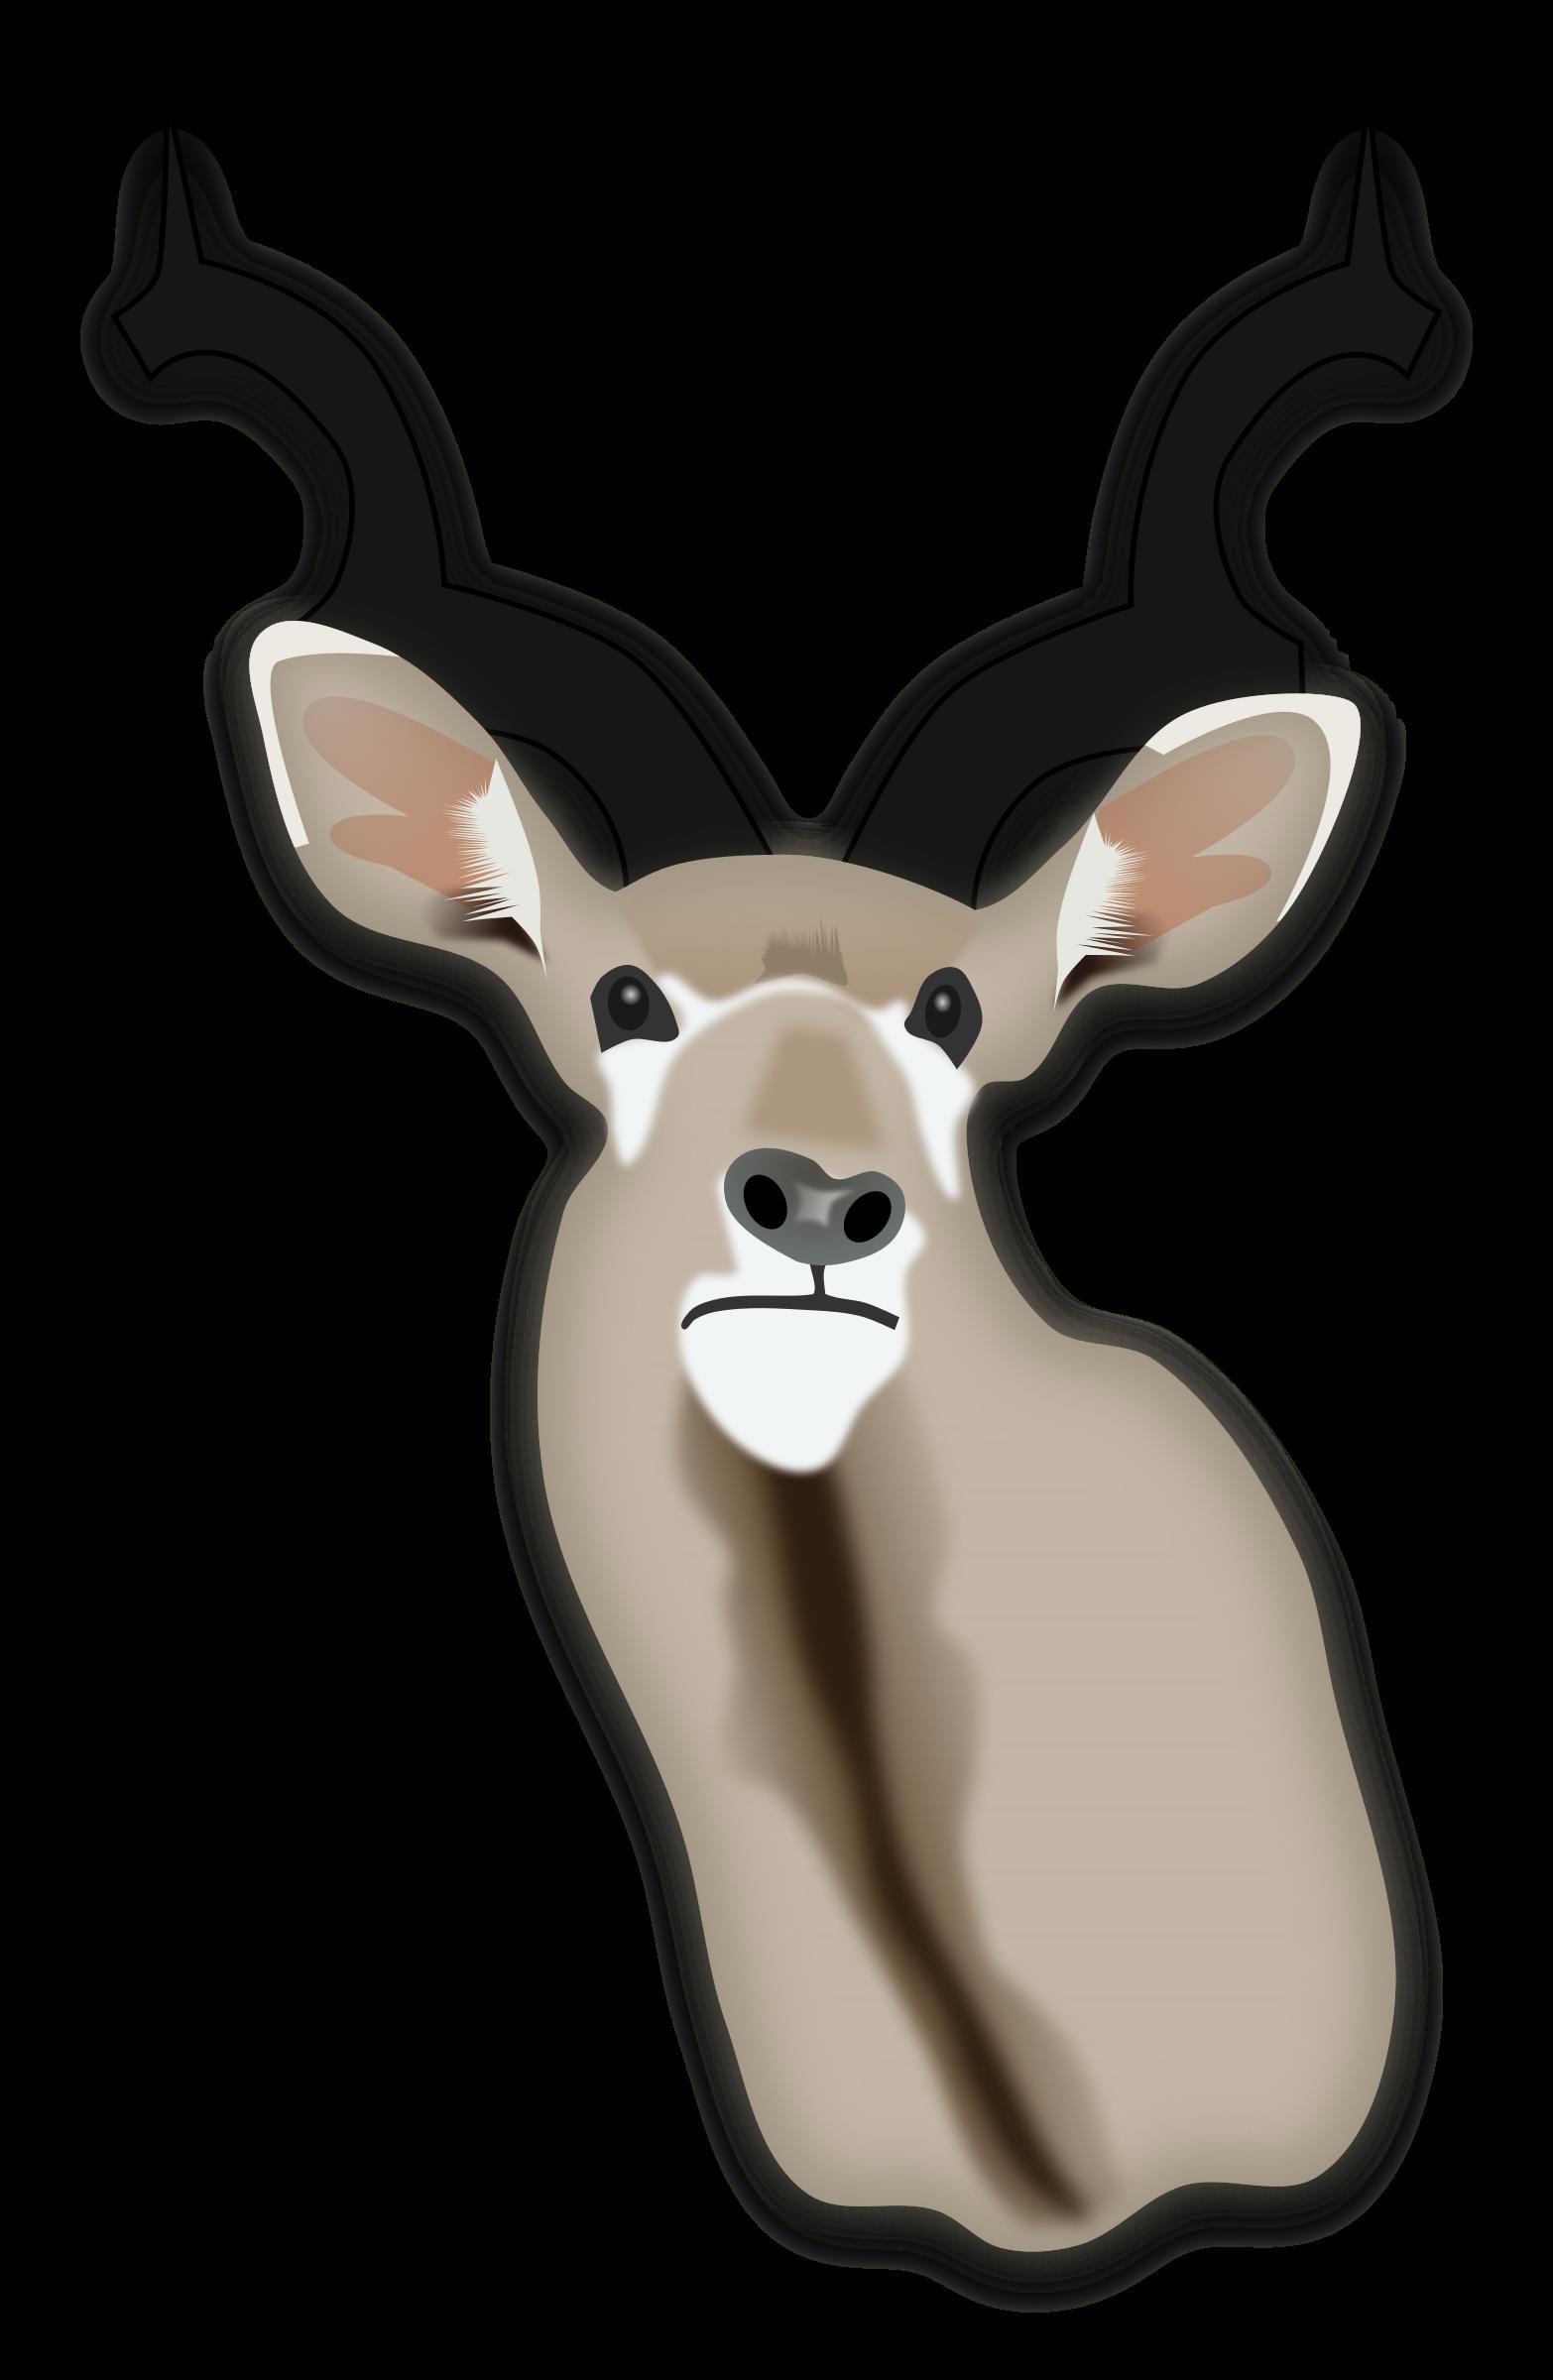 Trophy big image png. Hunting clipart deer horn